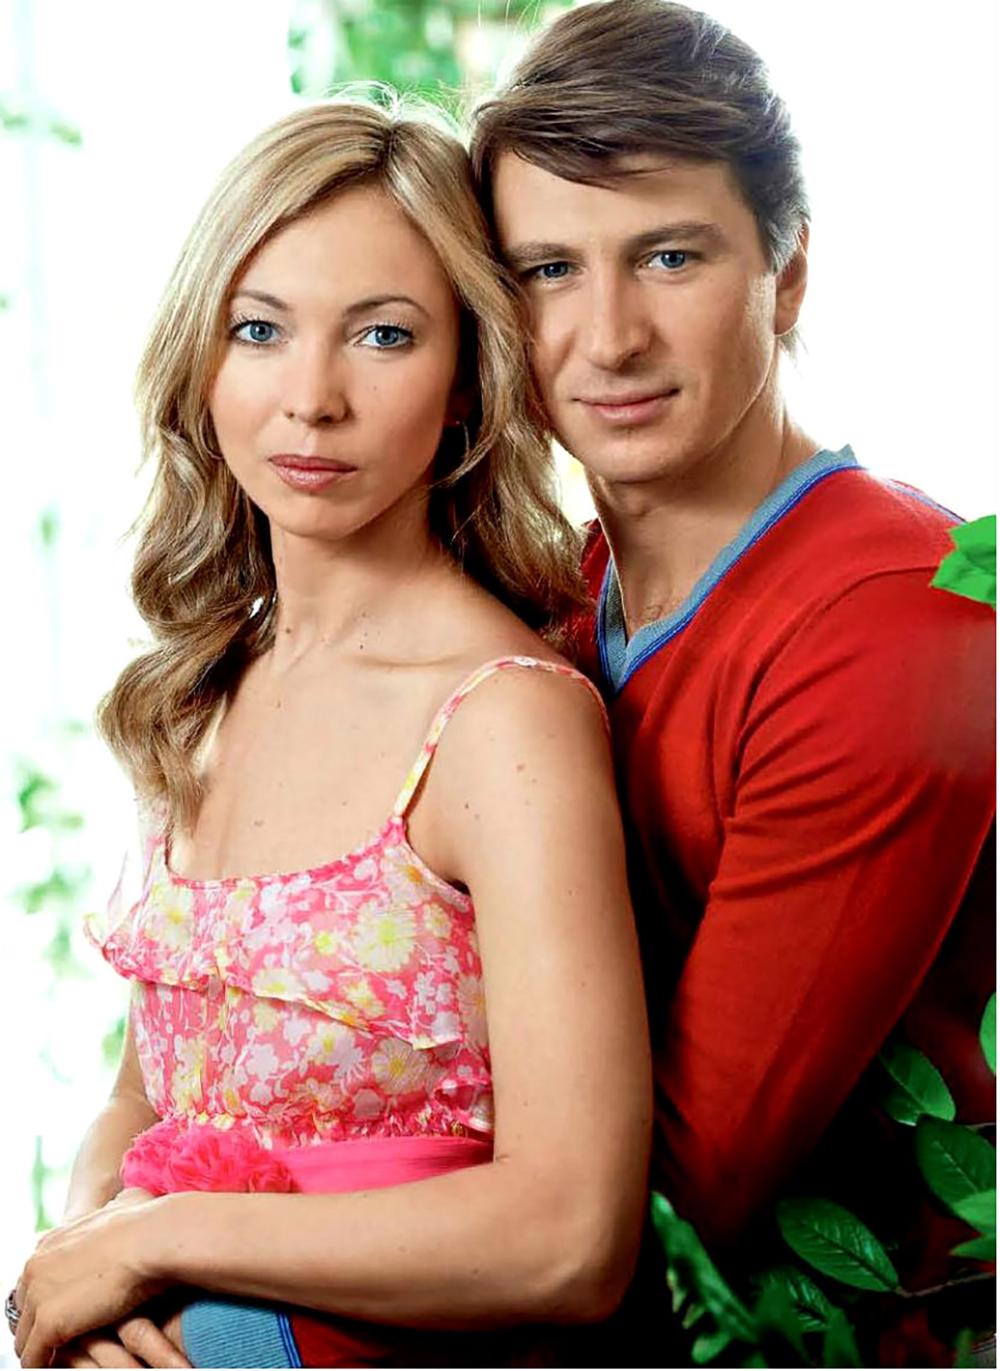 Алексей коряков личная жизнь фото с женой и детьми